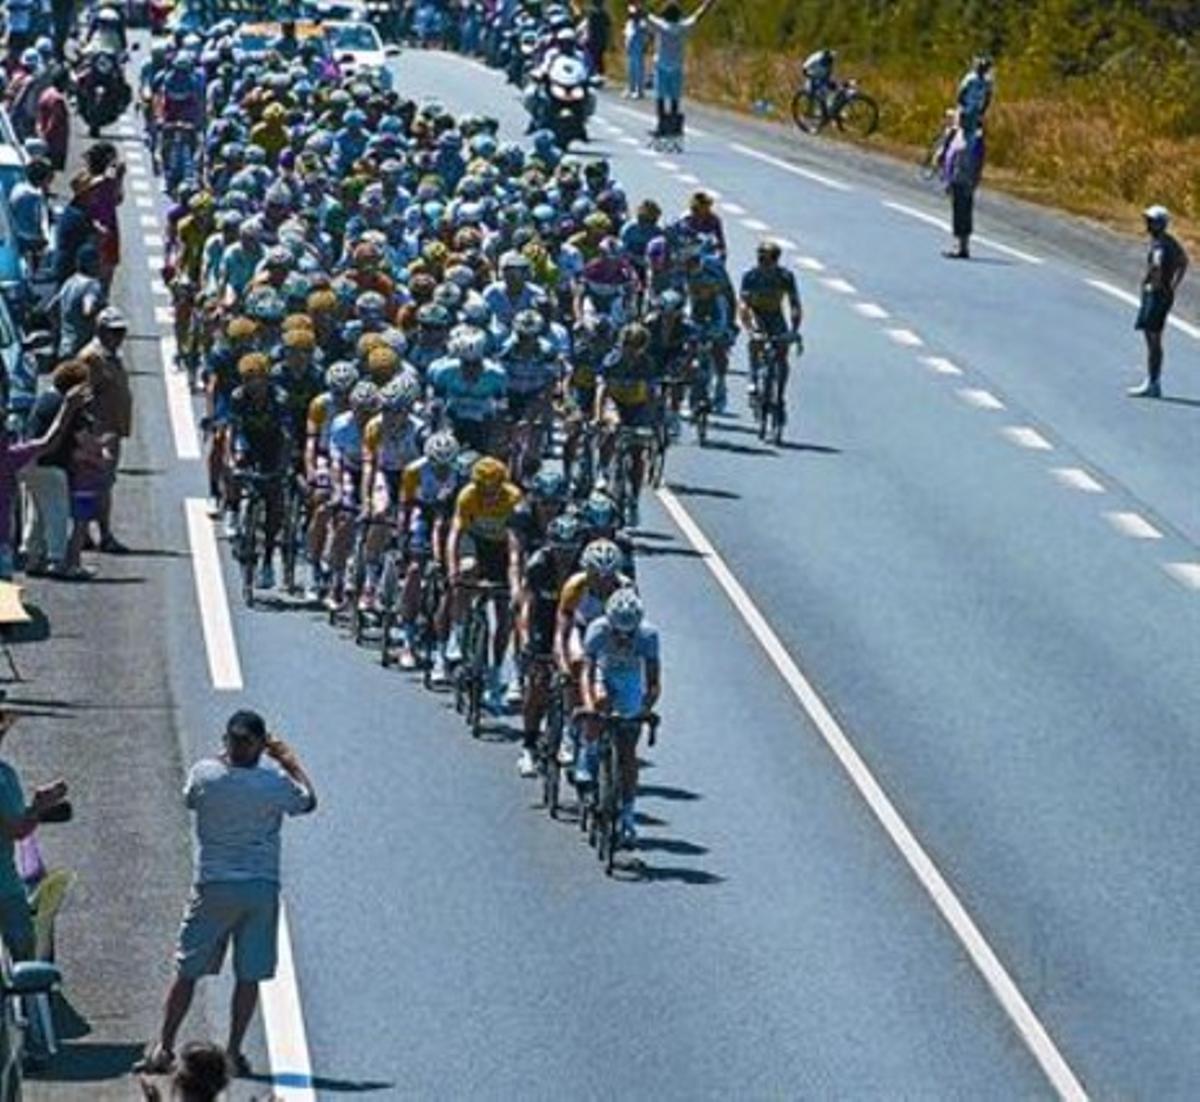 El pelotón rueda, protegiéndose del viento, en la etapa de ayer en la Bretaña francesa.